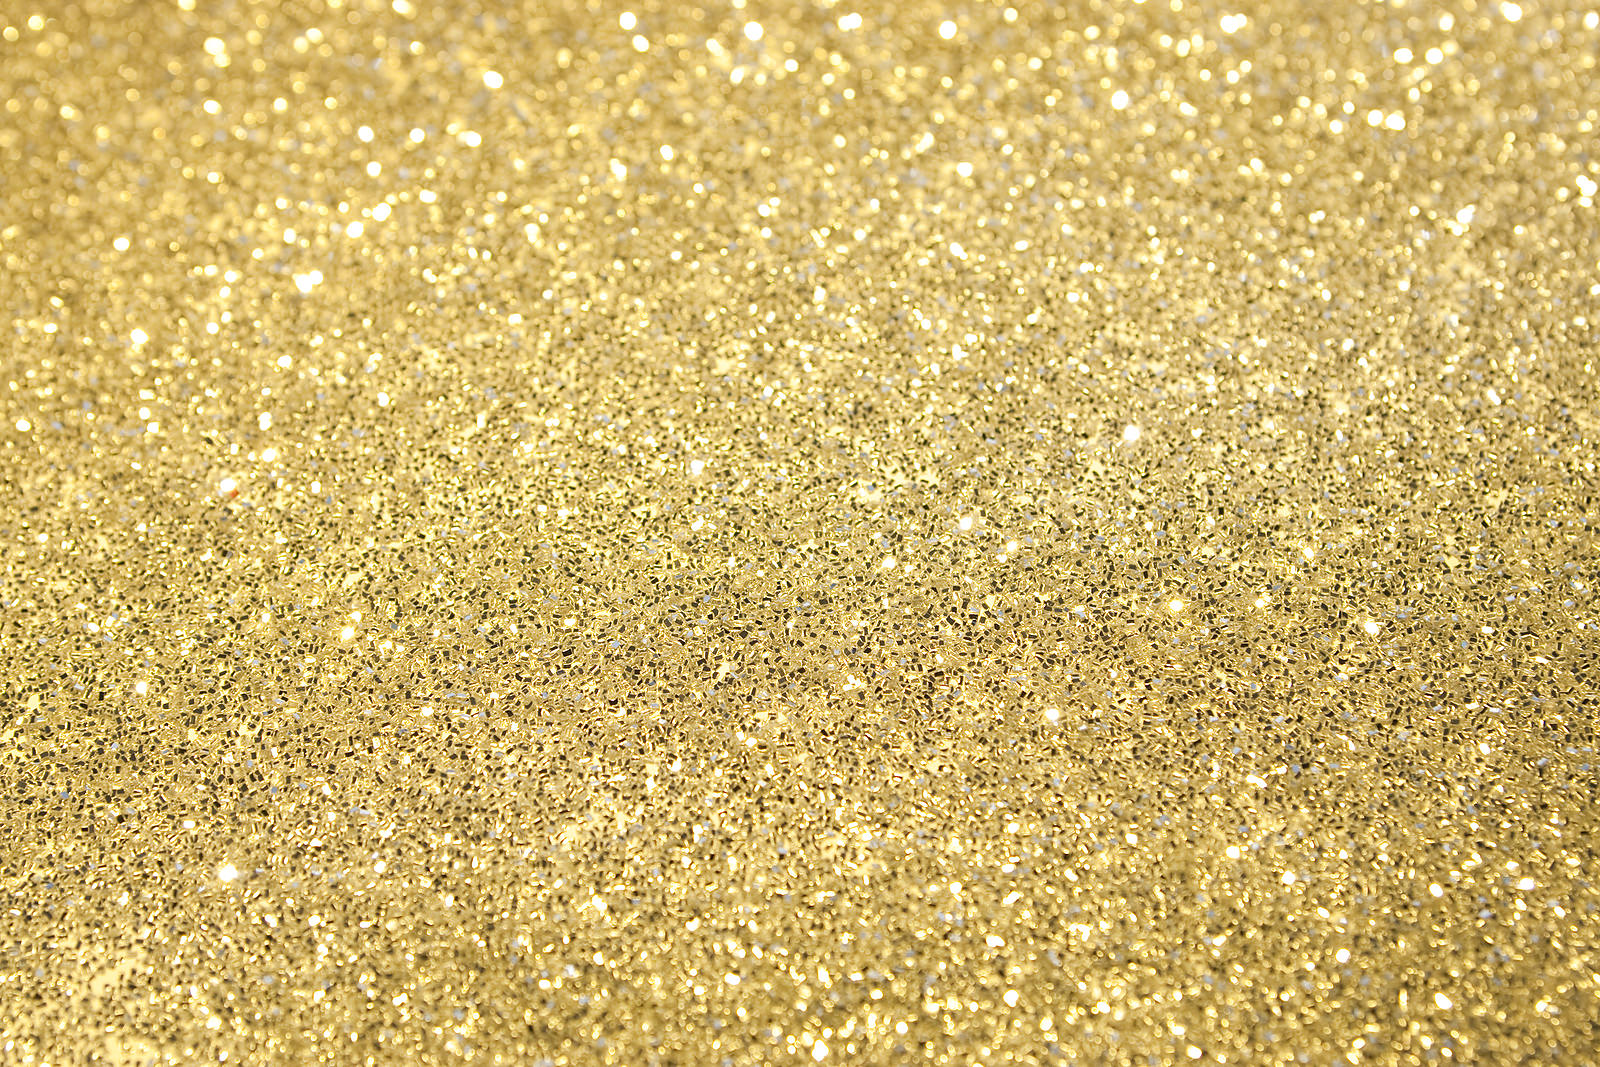 Glitter Tumblr Backgrounds